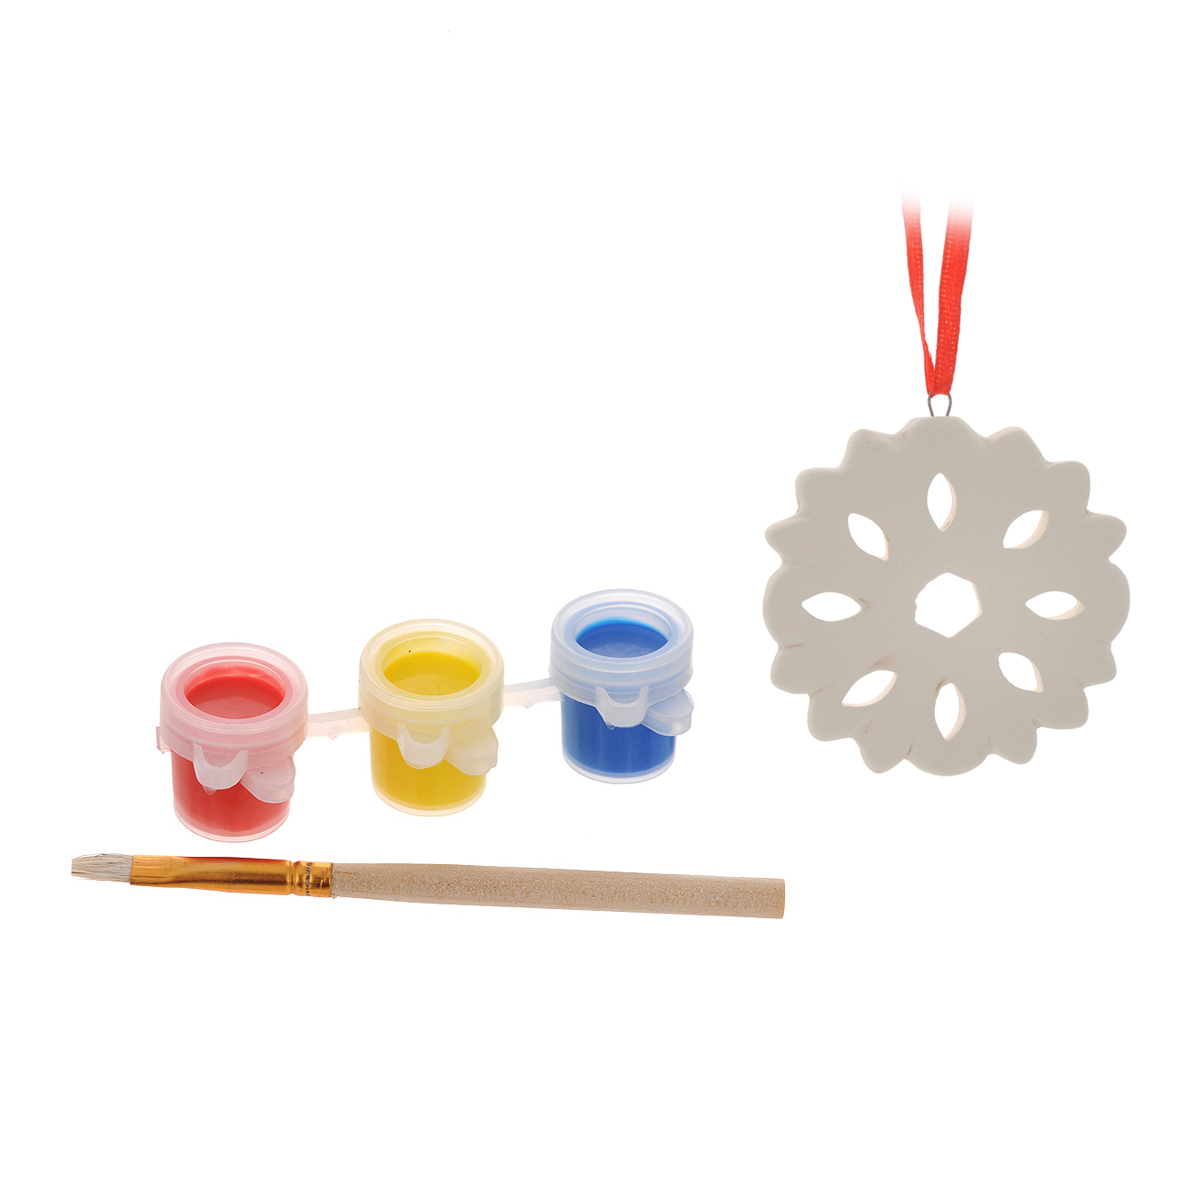 """Набор для творчества """"Снежинка"""" включает в себя: заготовка из доломитовой глины, три баночки с акварельными красками (синего, желтого и красного цветов) и кисть. Раскрасьте новогоднюю игрушку вместе с ребенком и повесьте на елку. Игрушка, выполненная своими руками, будет радовать глаз и создаст хорошее настроение. Рельефные раскраски специально разработаны для эффективного применения методик развития памяти, моторики и внимания ребенка. Они позволяют использовать различные приемы оформления и элементы аппликаций, причем уровень сложности вы можете выбирать самостоятельно. Длина кисти: 9,5 см. Размер баночки с краской: 3 см x 2 см x 1,5 см. Диаметр заготовки: 5 см."""